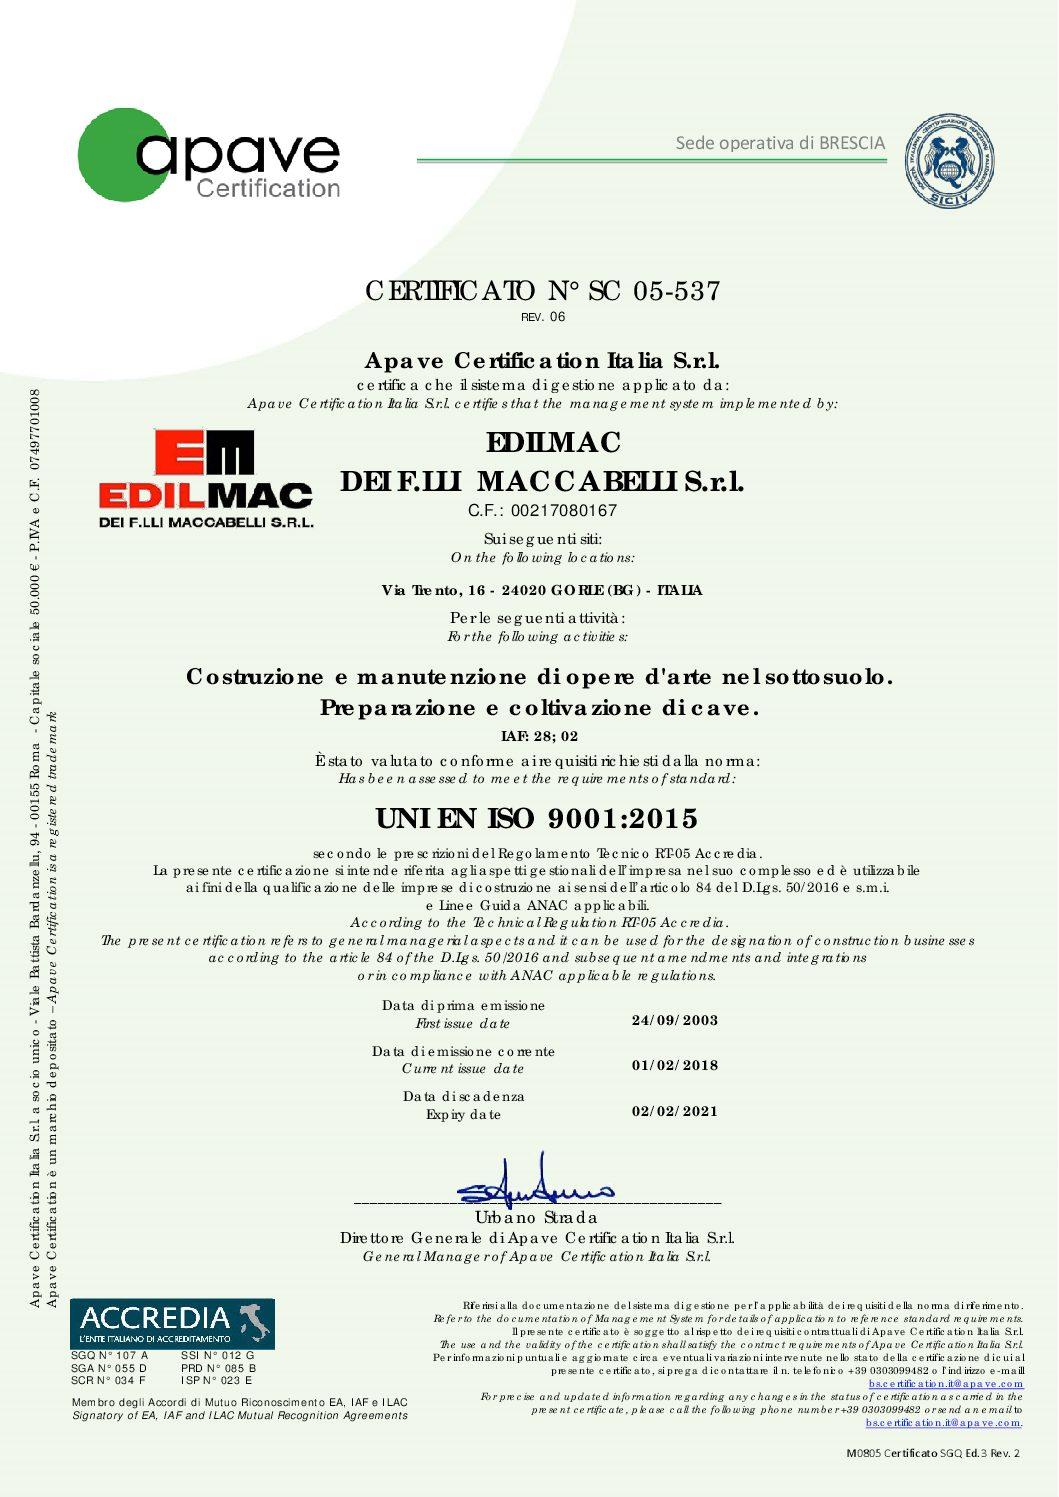 UNI EN ISO 9001:2015 - Certificazione qualità